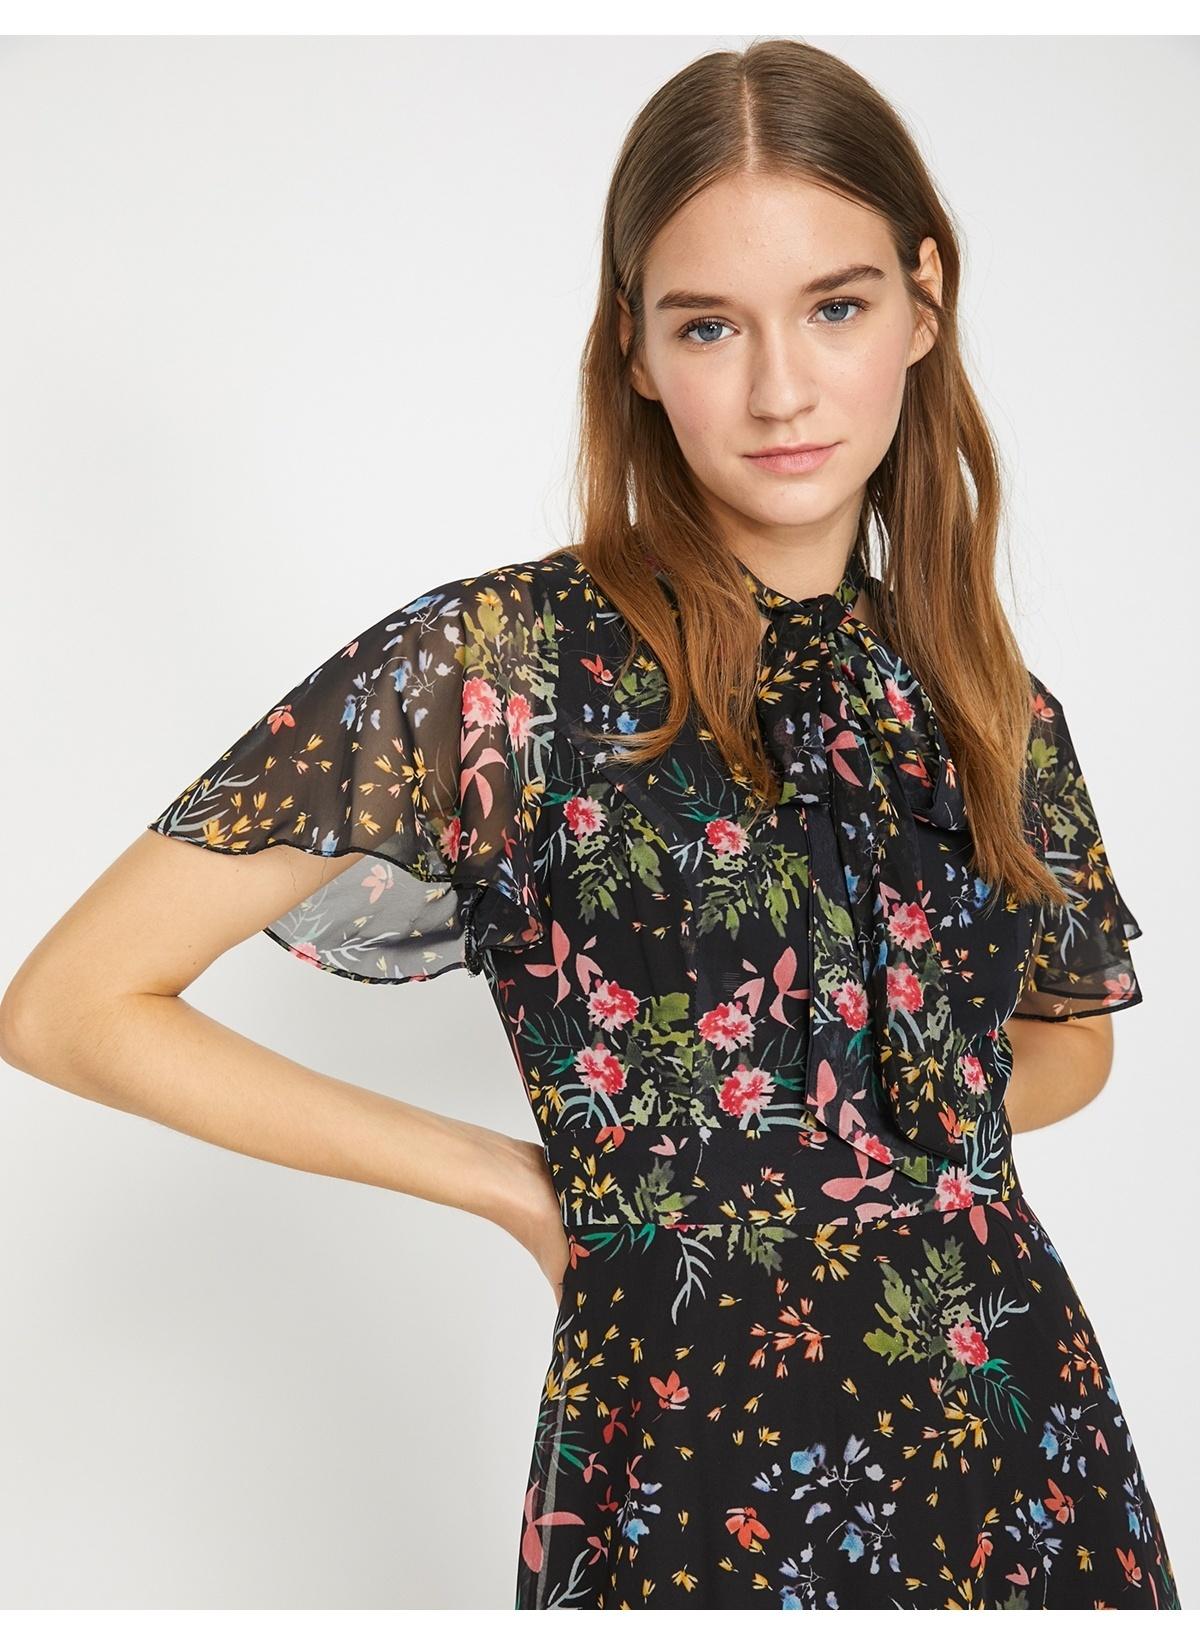 63c3efe5ea622 Koton Kadın Çiçekli Şifon Elbise Yellow Desıgn İndirimli Fiyat ...